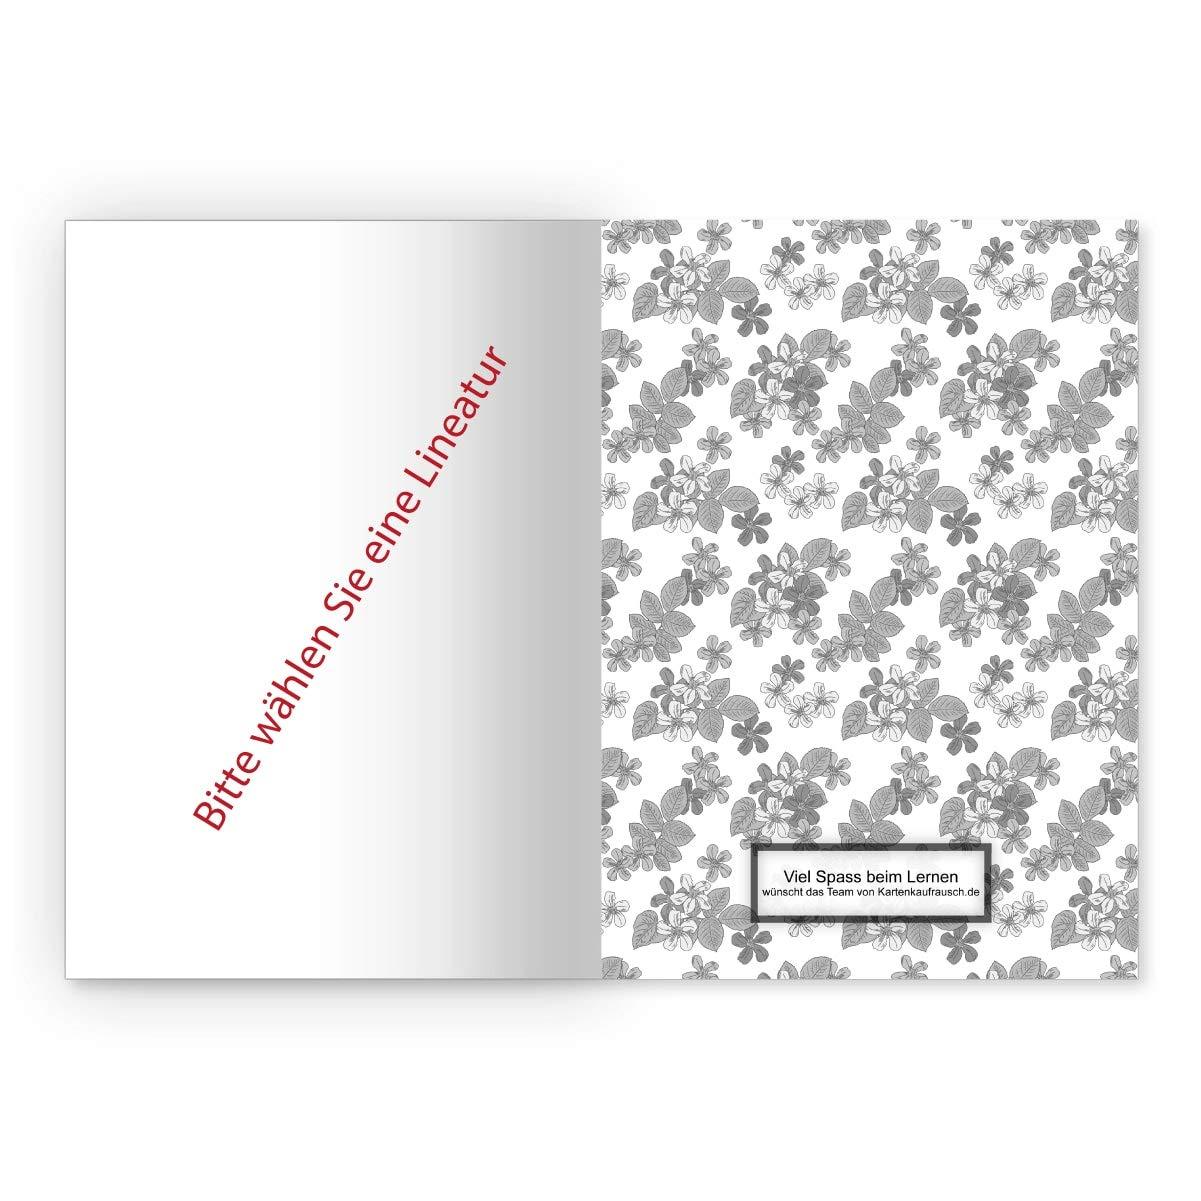 blanko Heft 16 Blatt//32 Seiten 1 elegantes Vintage DIN A4 Schulheft Notizheft Schreibhefte mit klassischen Retro Streublumen Kladde f/ür Schule hellblau Lineatur 20 B/üro Uni